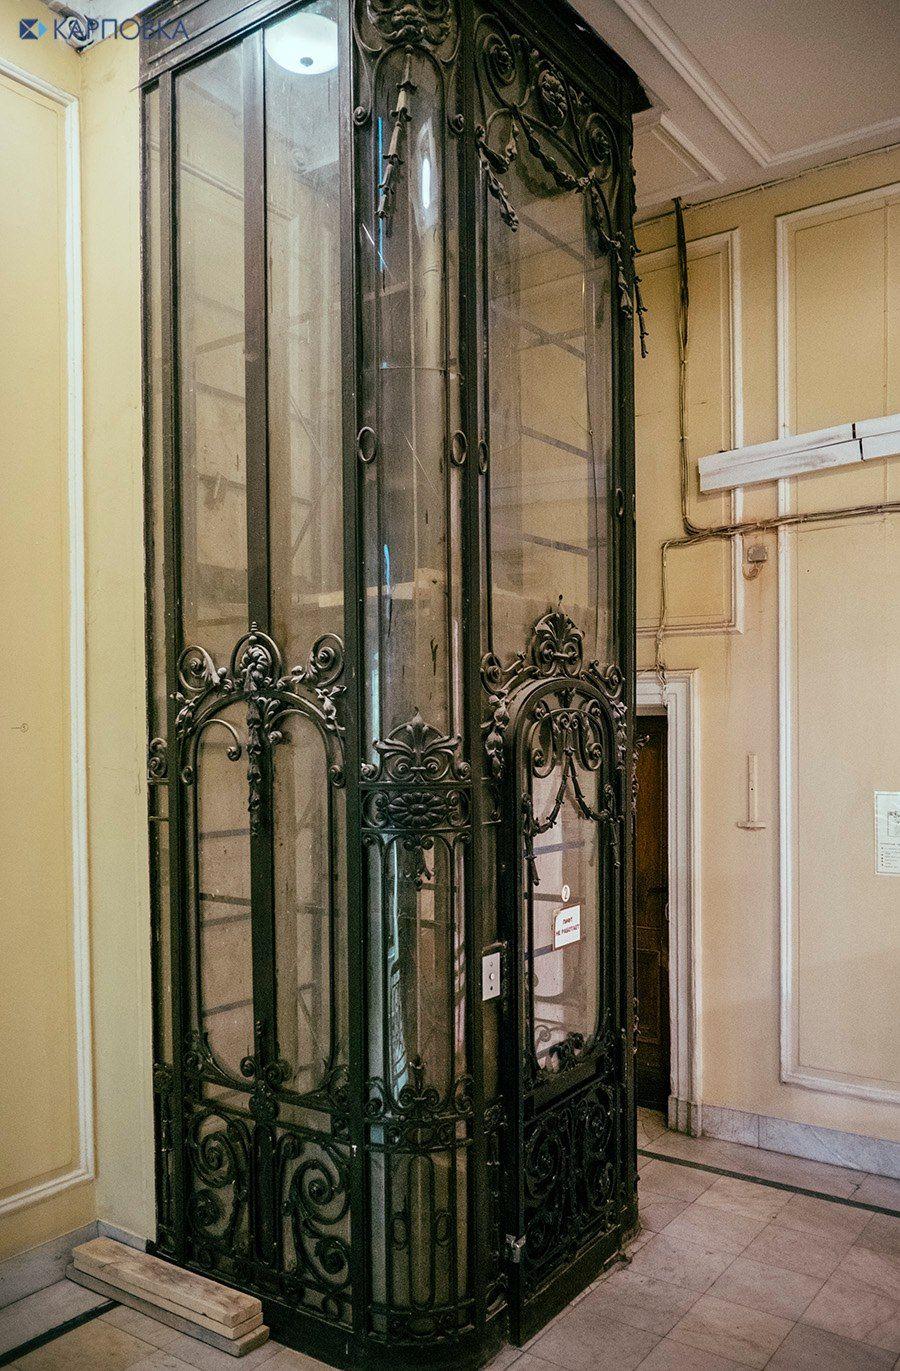 Saint Petersburg S Hidden Treasure Vintage Elevators Elevator Design Art Nouveau Architecture Art And Architecture